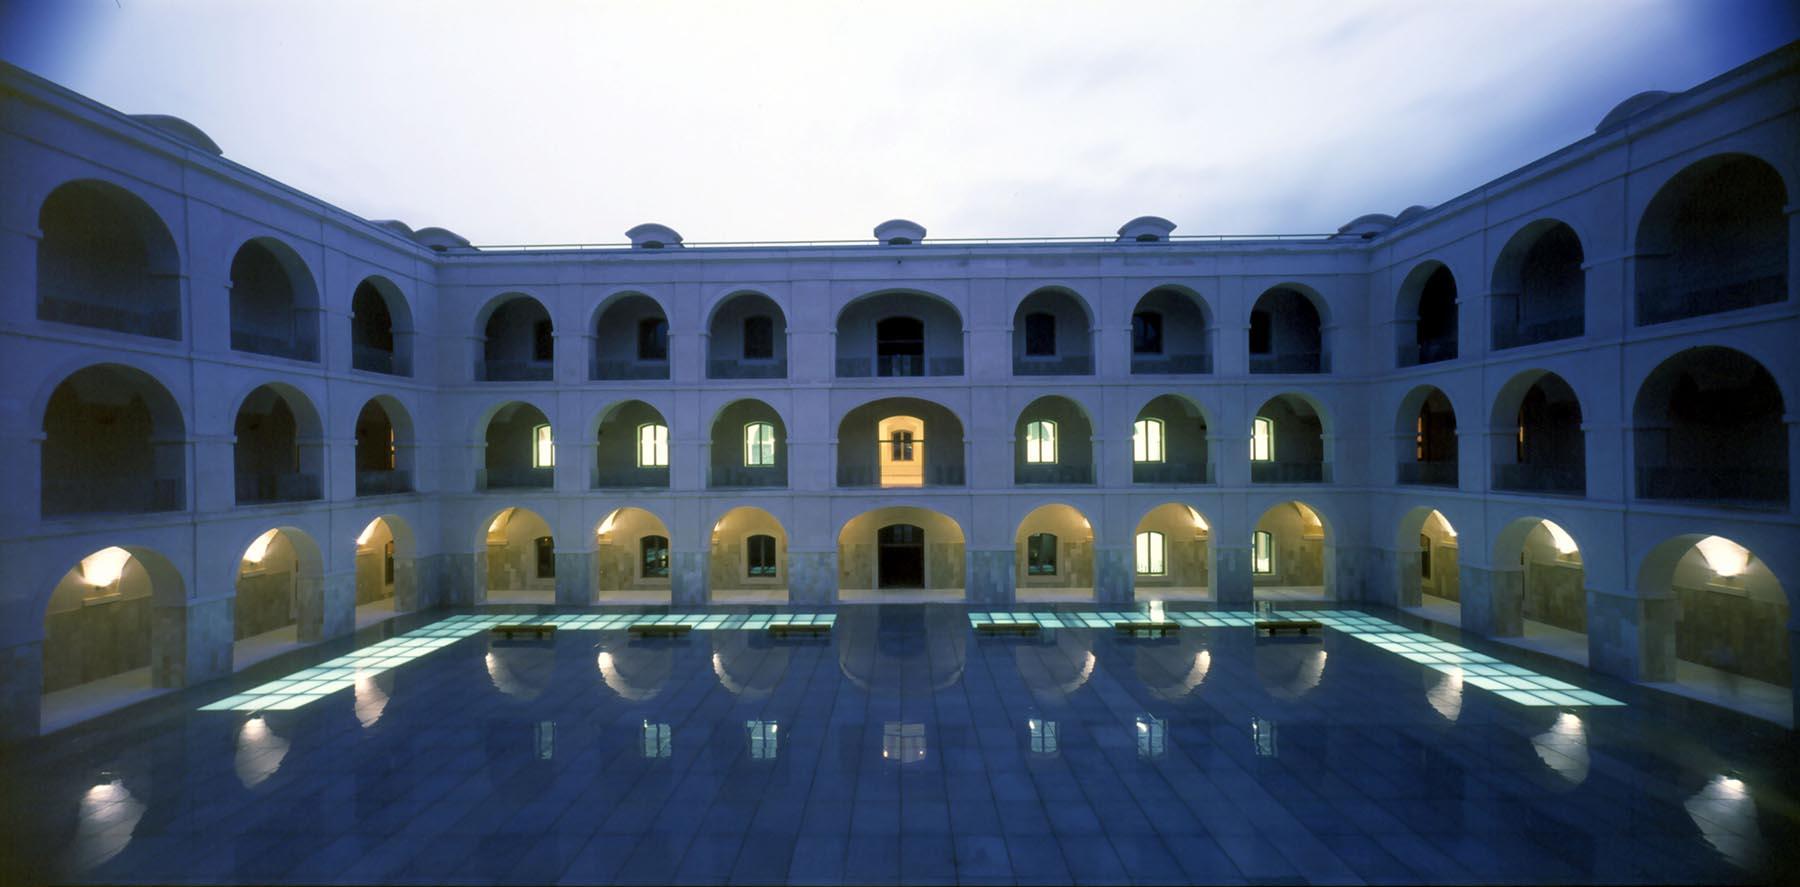 Rehabilitación del Hospital Militar de Marina -Paraninfo- Univ. Politécnica de Cartagena.